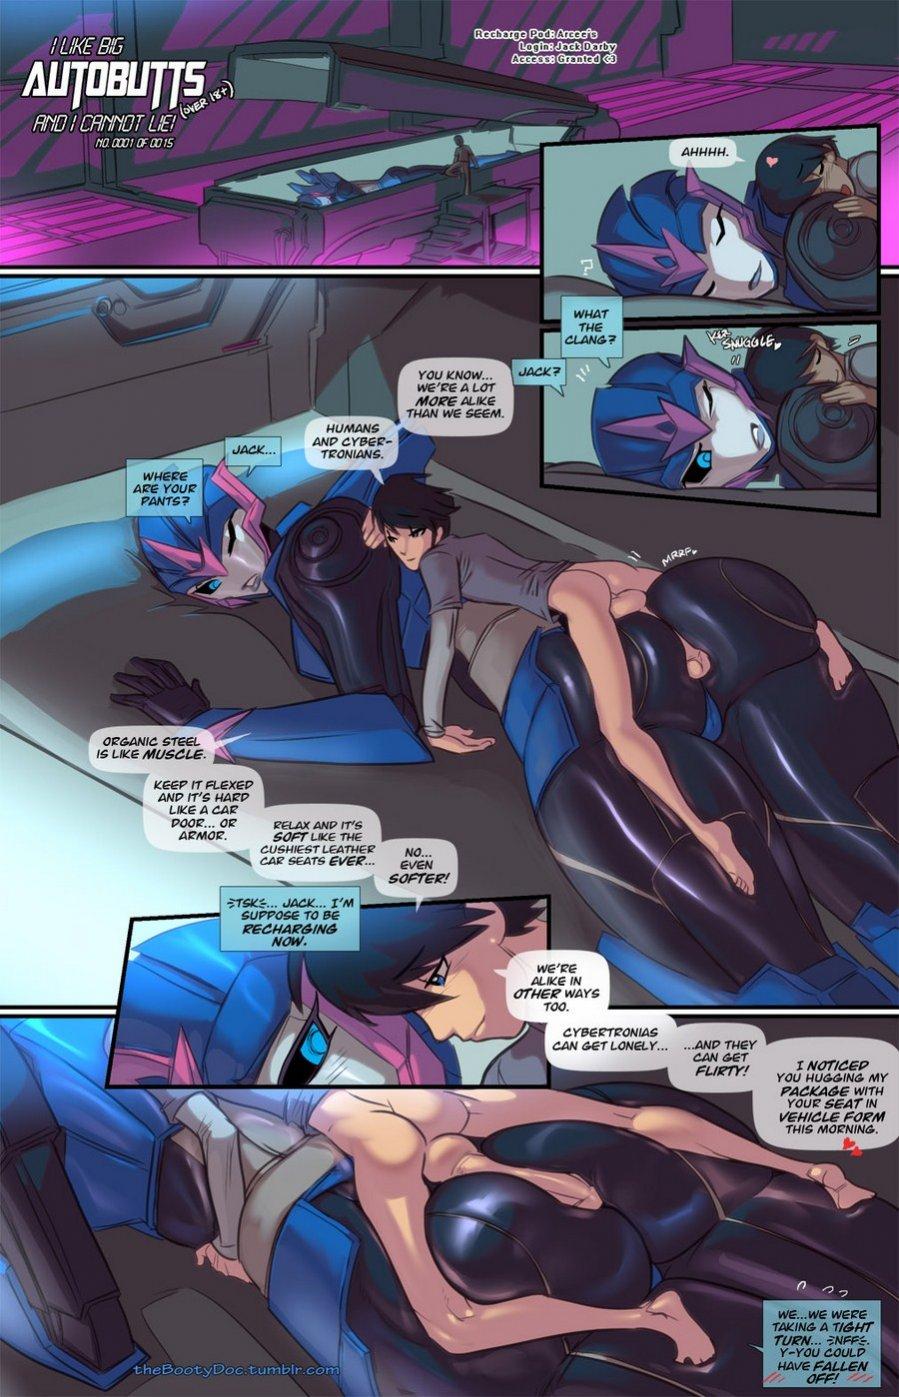 Transformers porn comics